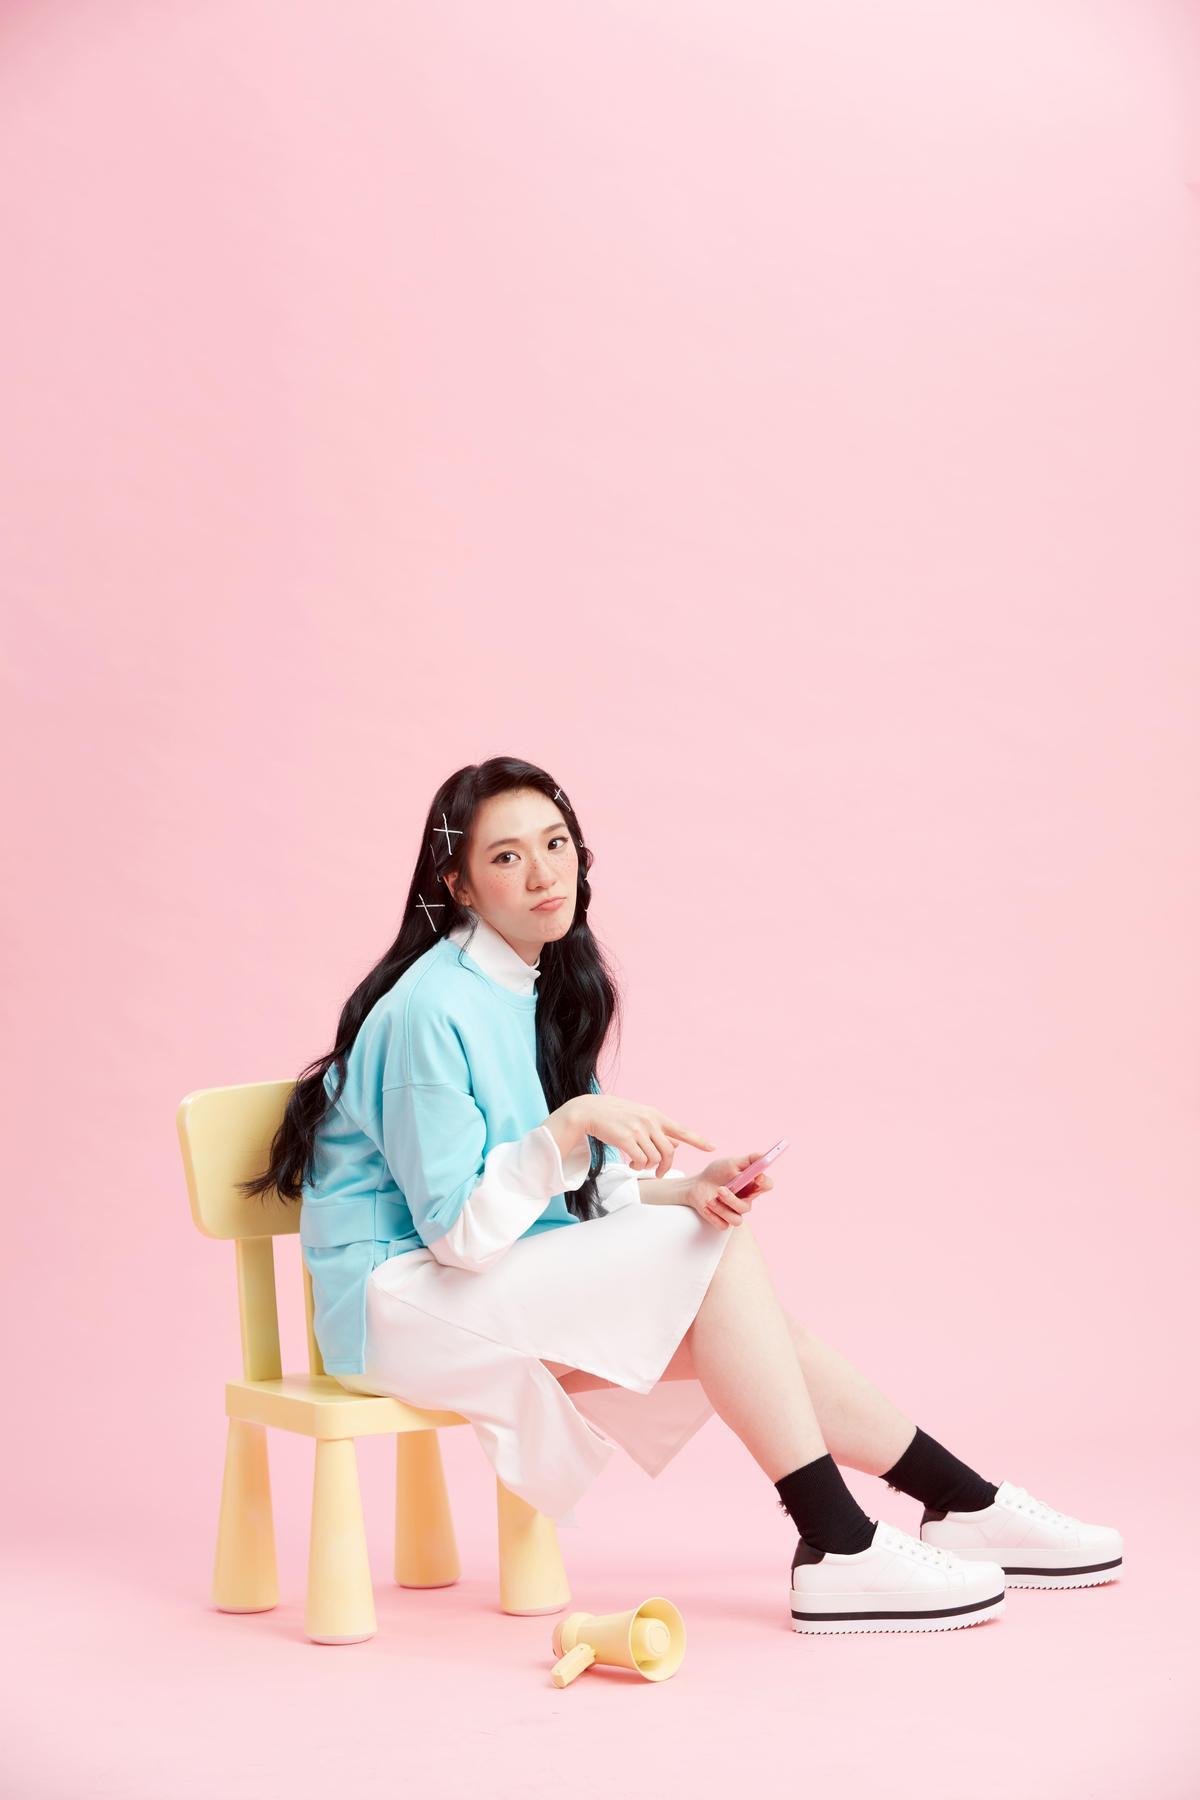 石尤是道地南台灣姑娘,家中經營國術館,她卻對音樂情有獨鍾。(李欣芸音樂製作提供)